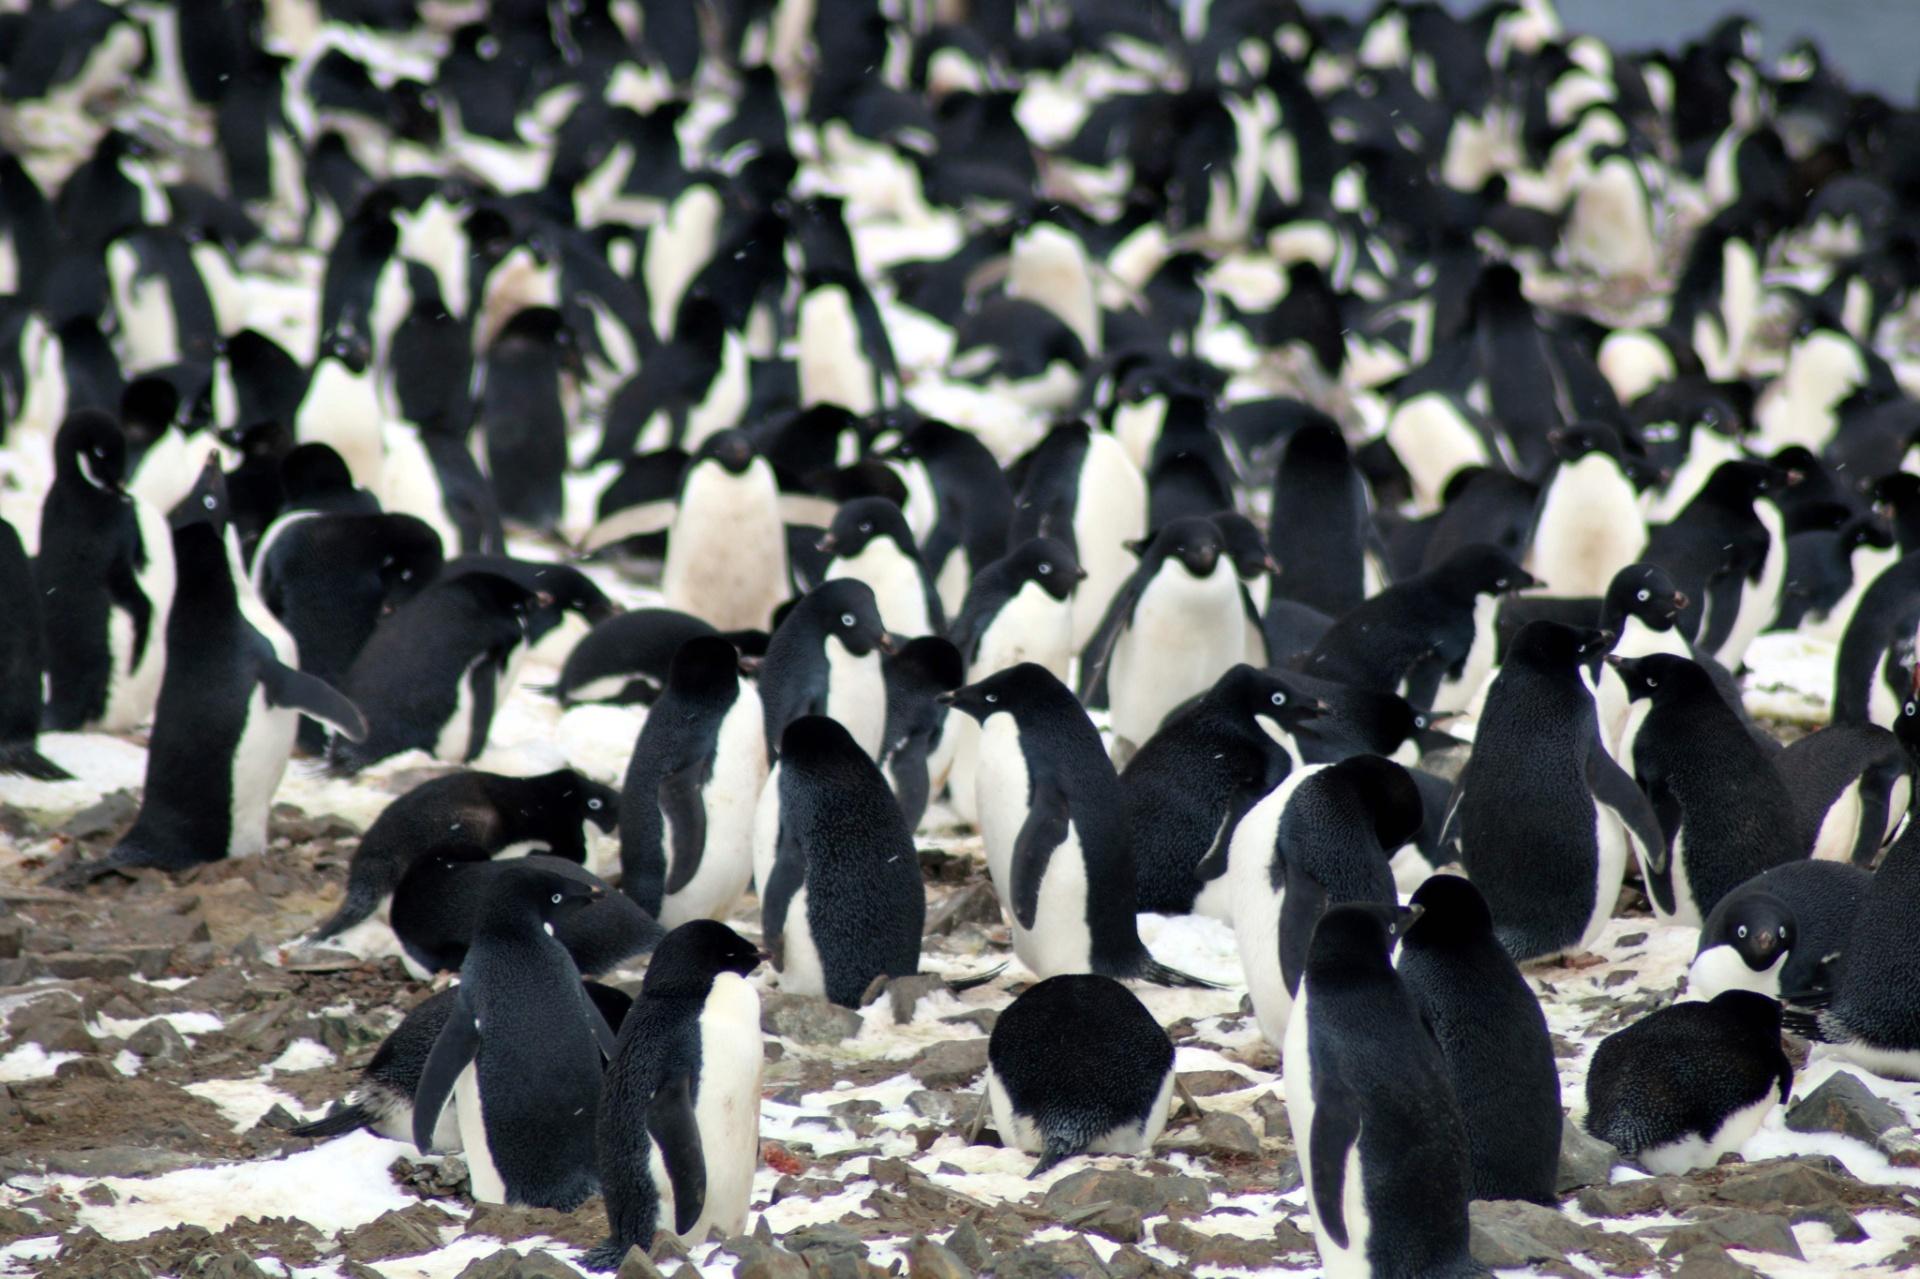 2.mar.2018 - Cientistas descobriram mais de 1,5 milhão de pinguins-de-Adélia (Pygoscelis adeliae) em um arquipélago remoto da Antártida